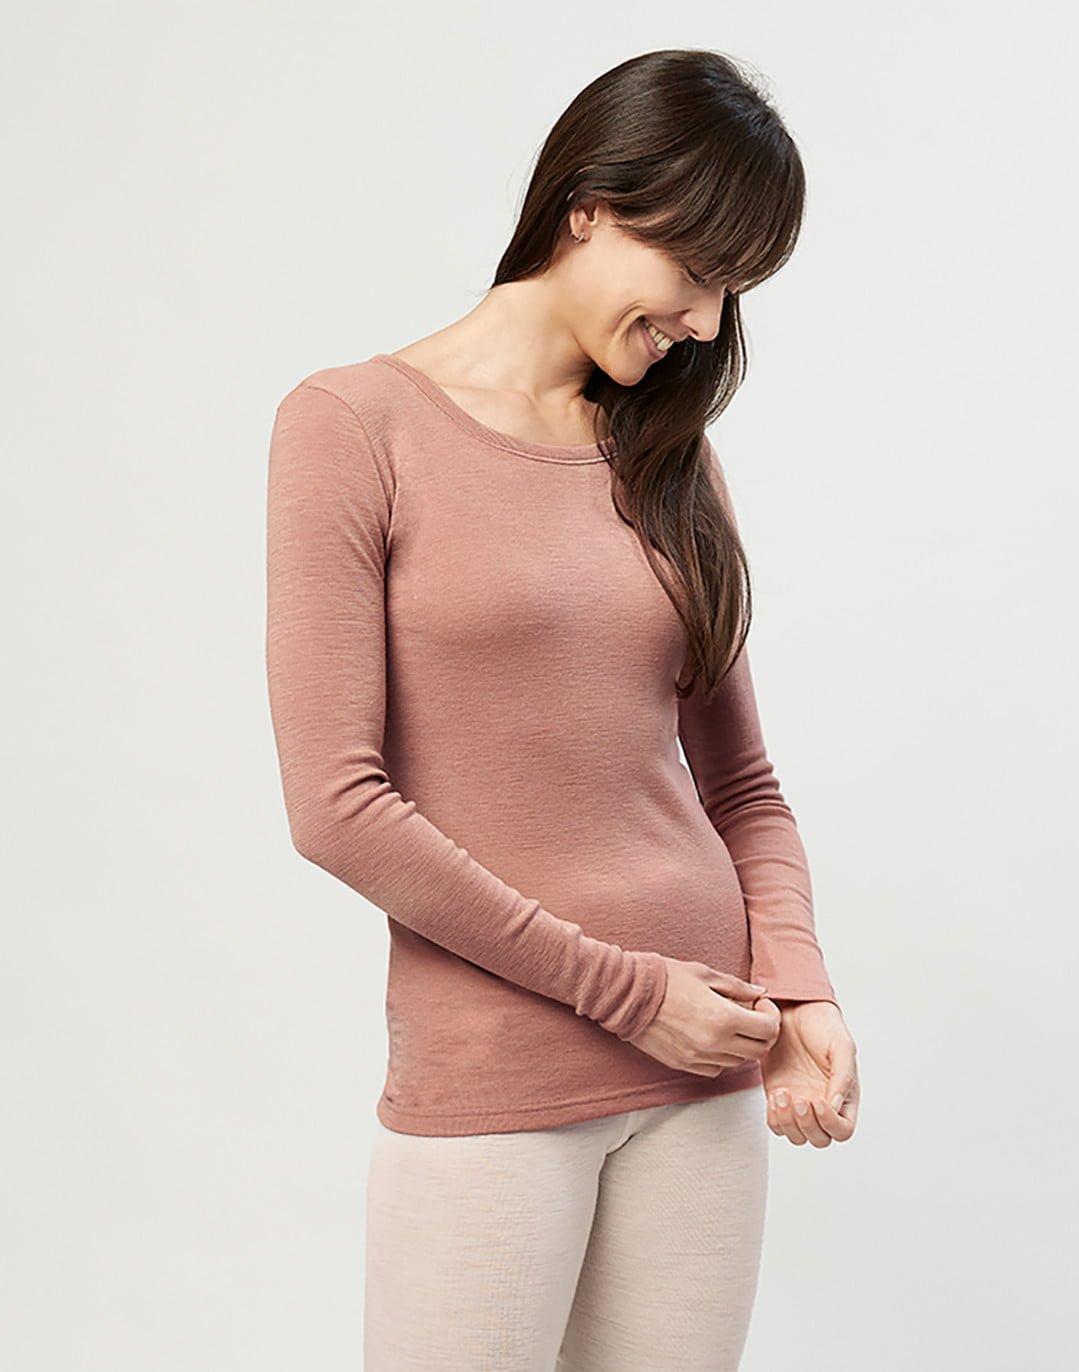 Bluză cu mânecă lungă roz din lână merinos organică pentru femei Dilling 3